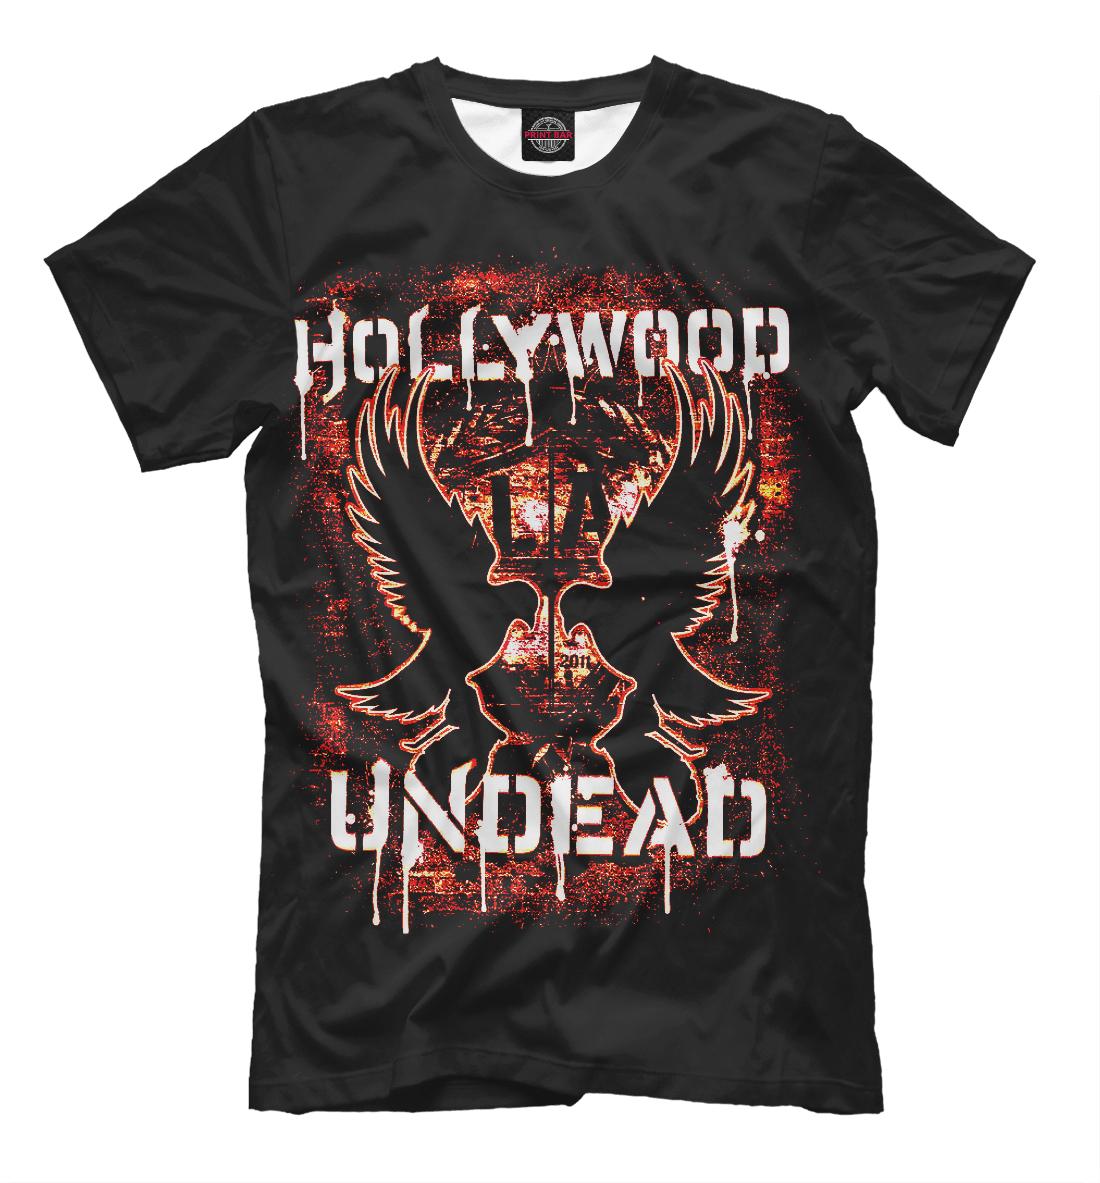 Купить Hollywood Undead, Printbar, Футболки, HLW-728722-fut-2